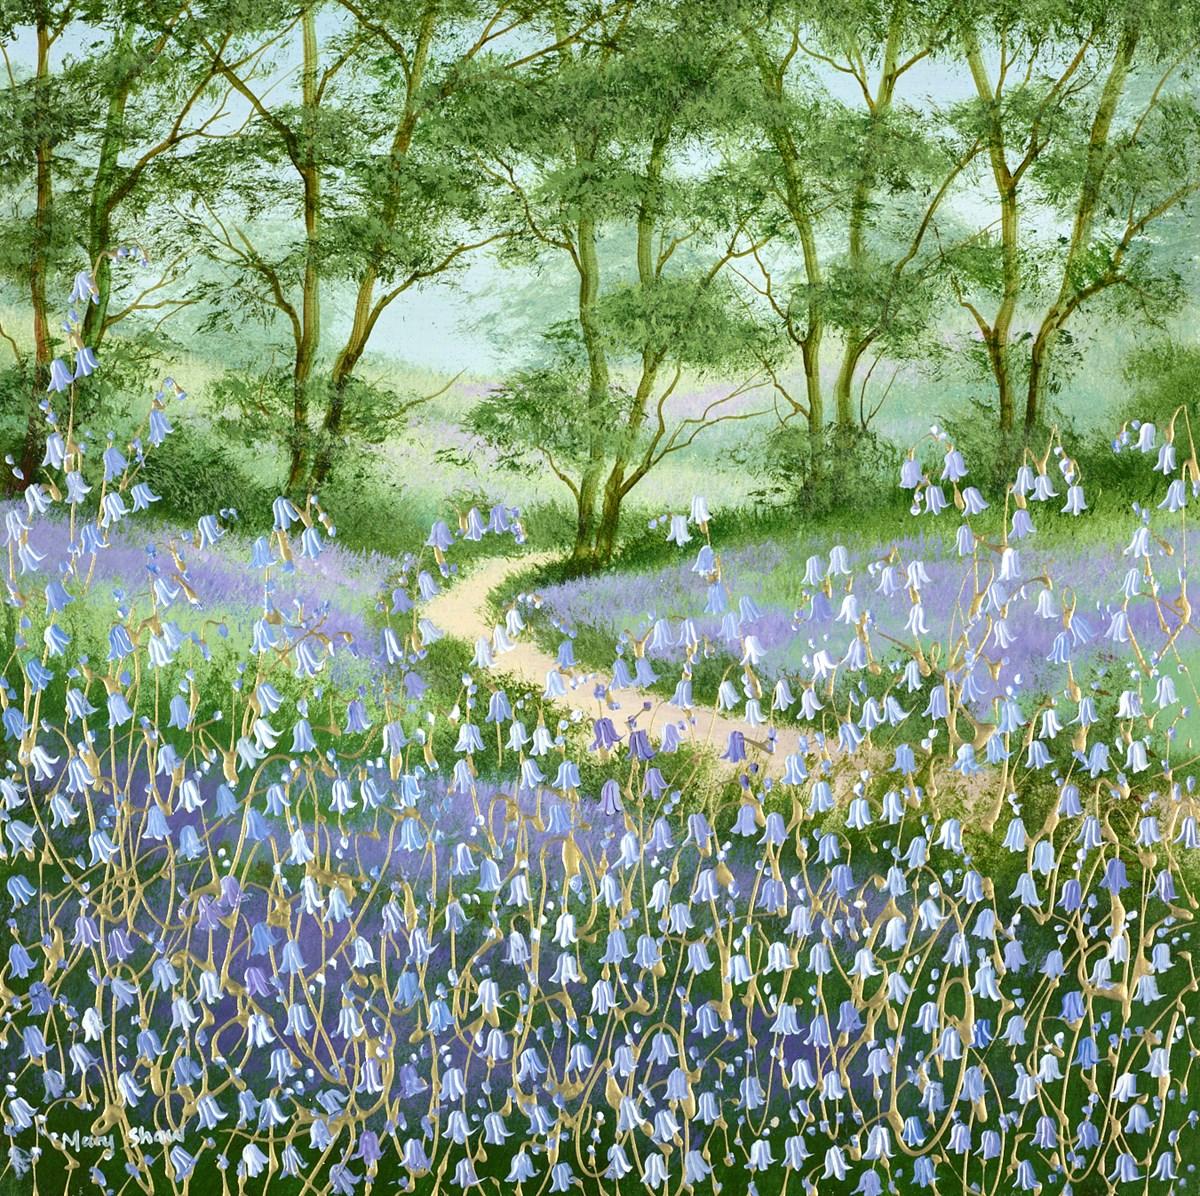 https://I1956624250.artbookresources.co.uk/Products/9334218/Image